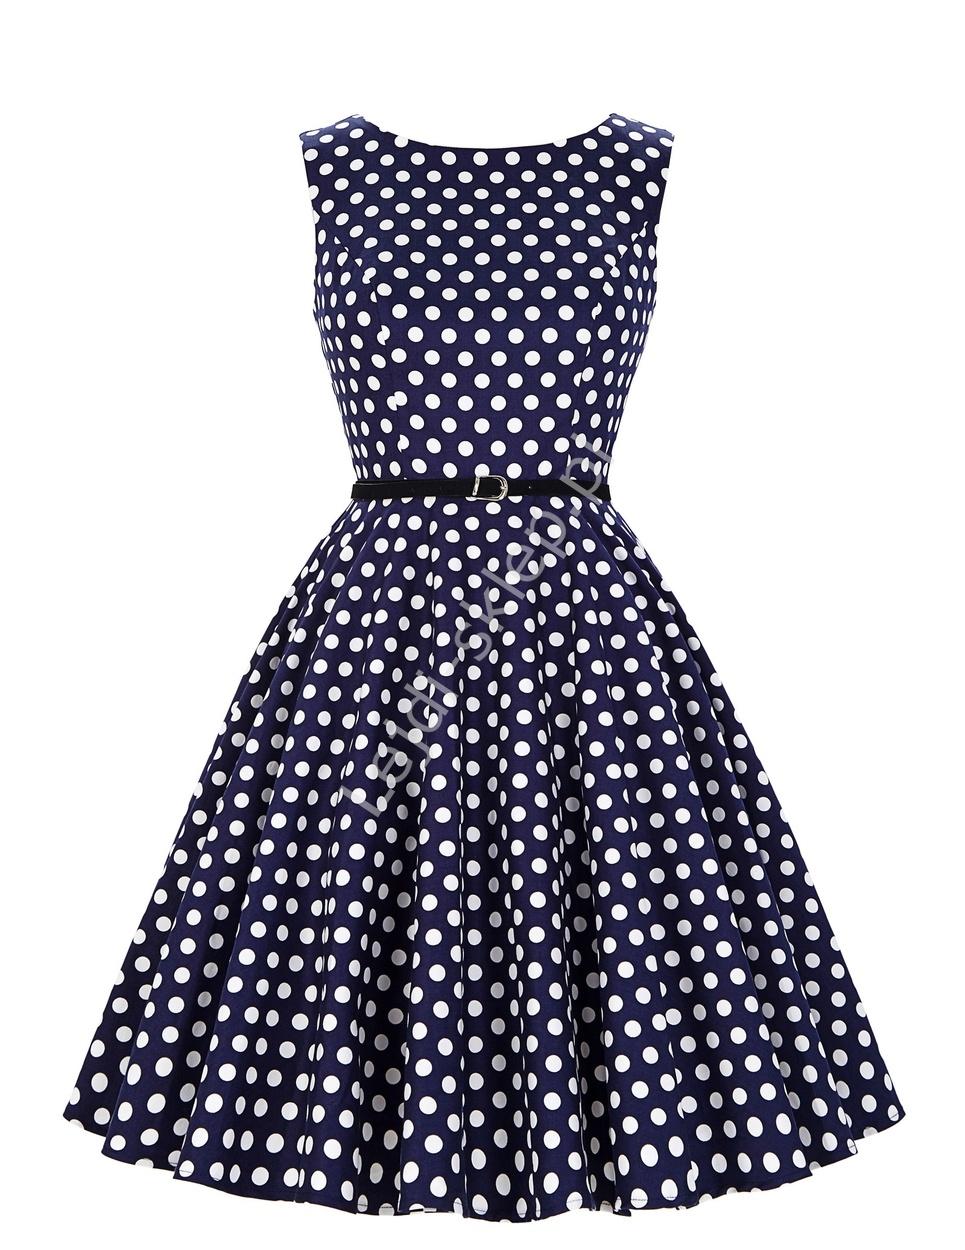 Sukienka w kropki PLUS SIZE | odzeż dla puszystych , sukienki w duzych rozmiarach r. 44 - r.48 - Lejdi